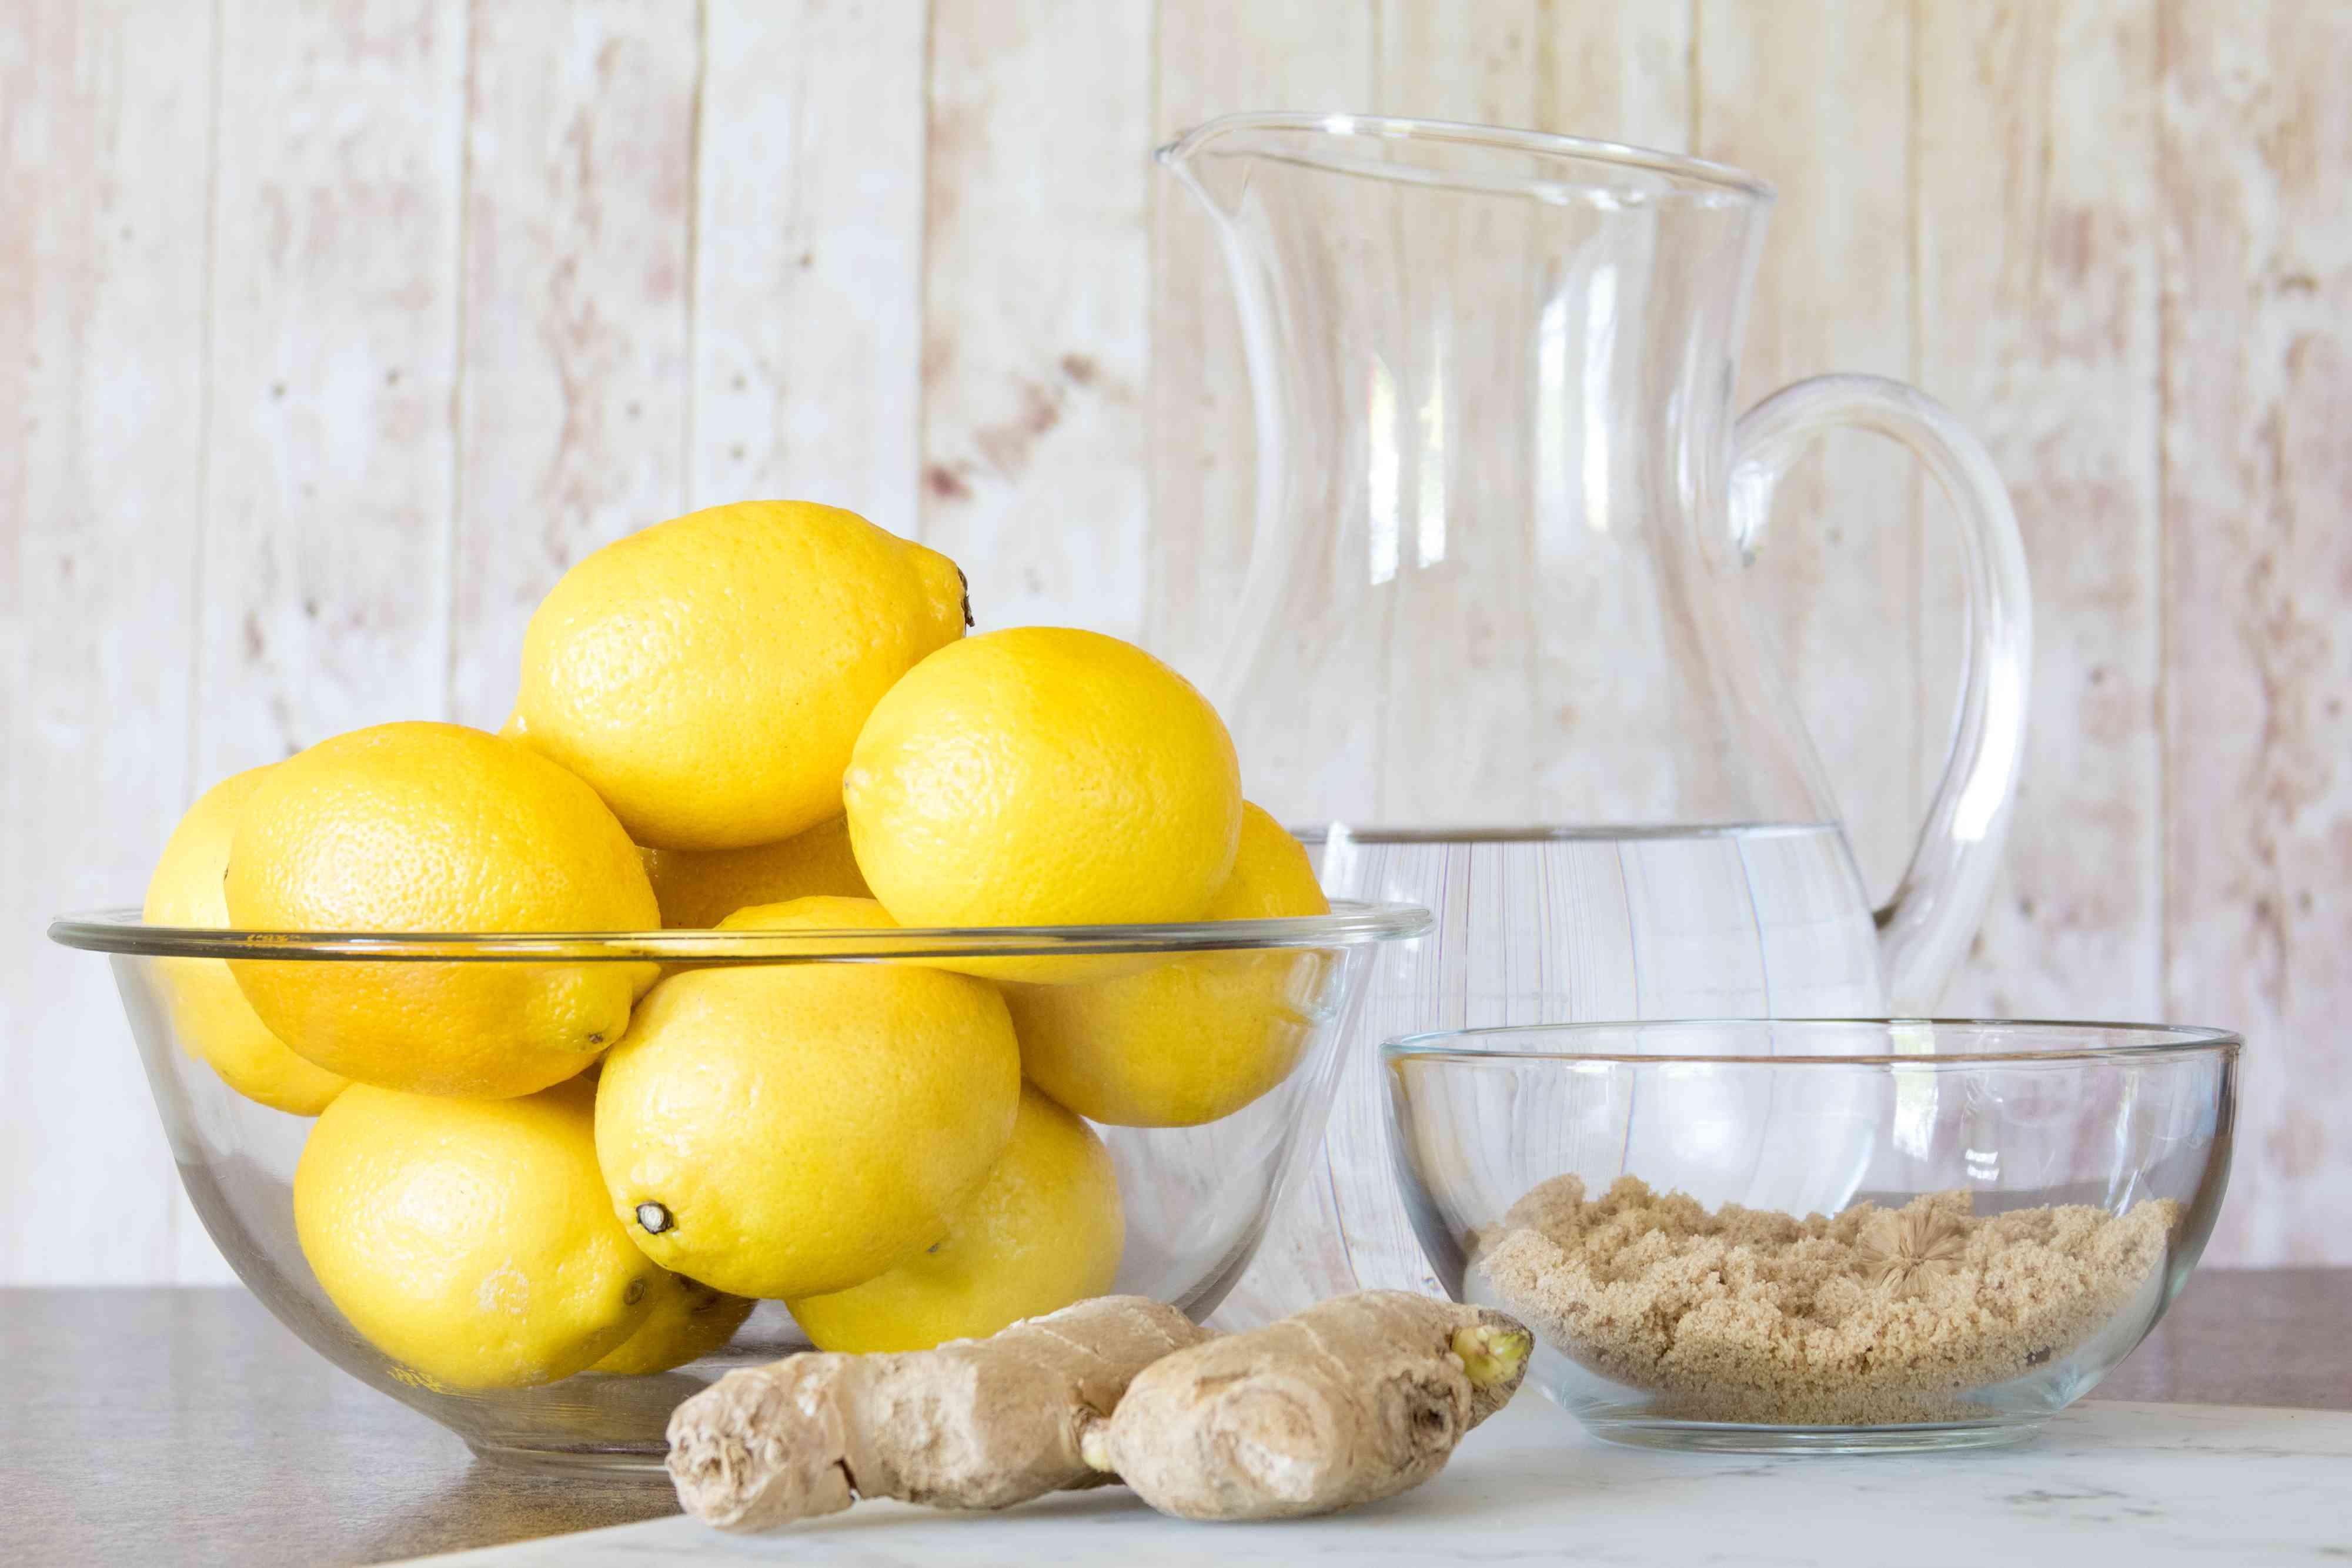 Ingredients for Homemade Ginger Lemonade